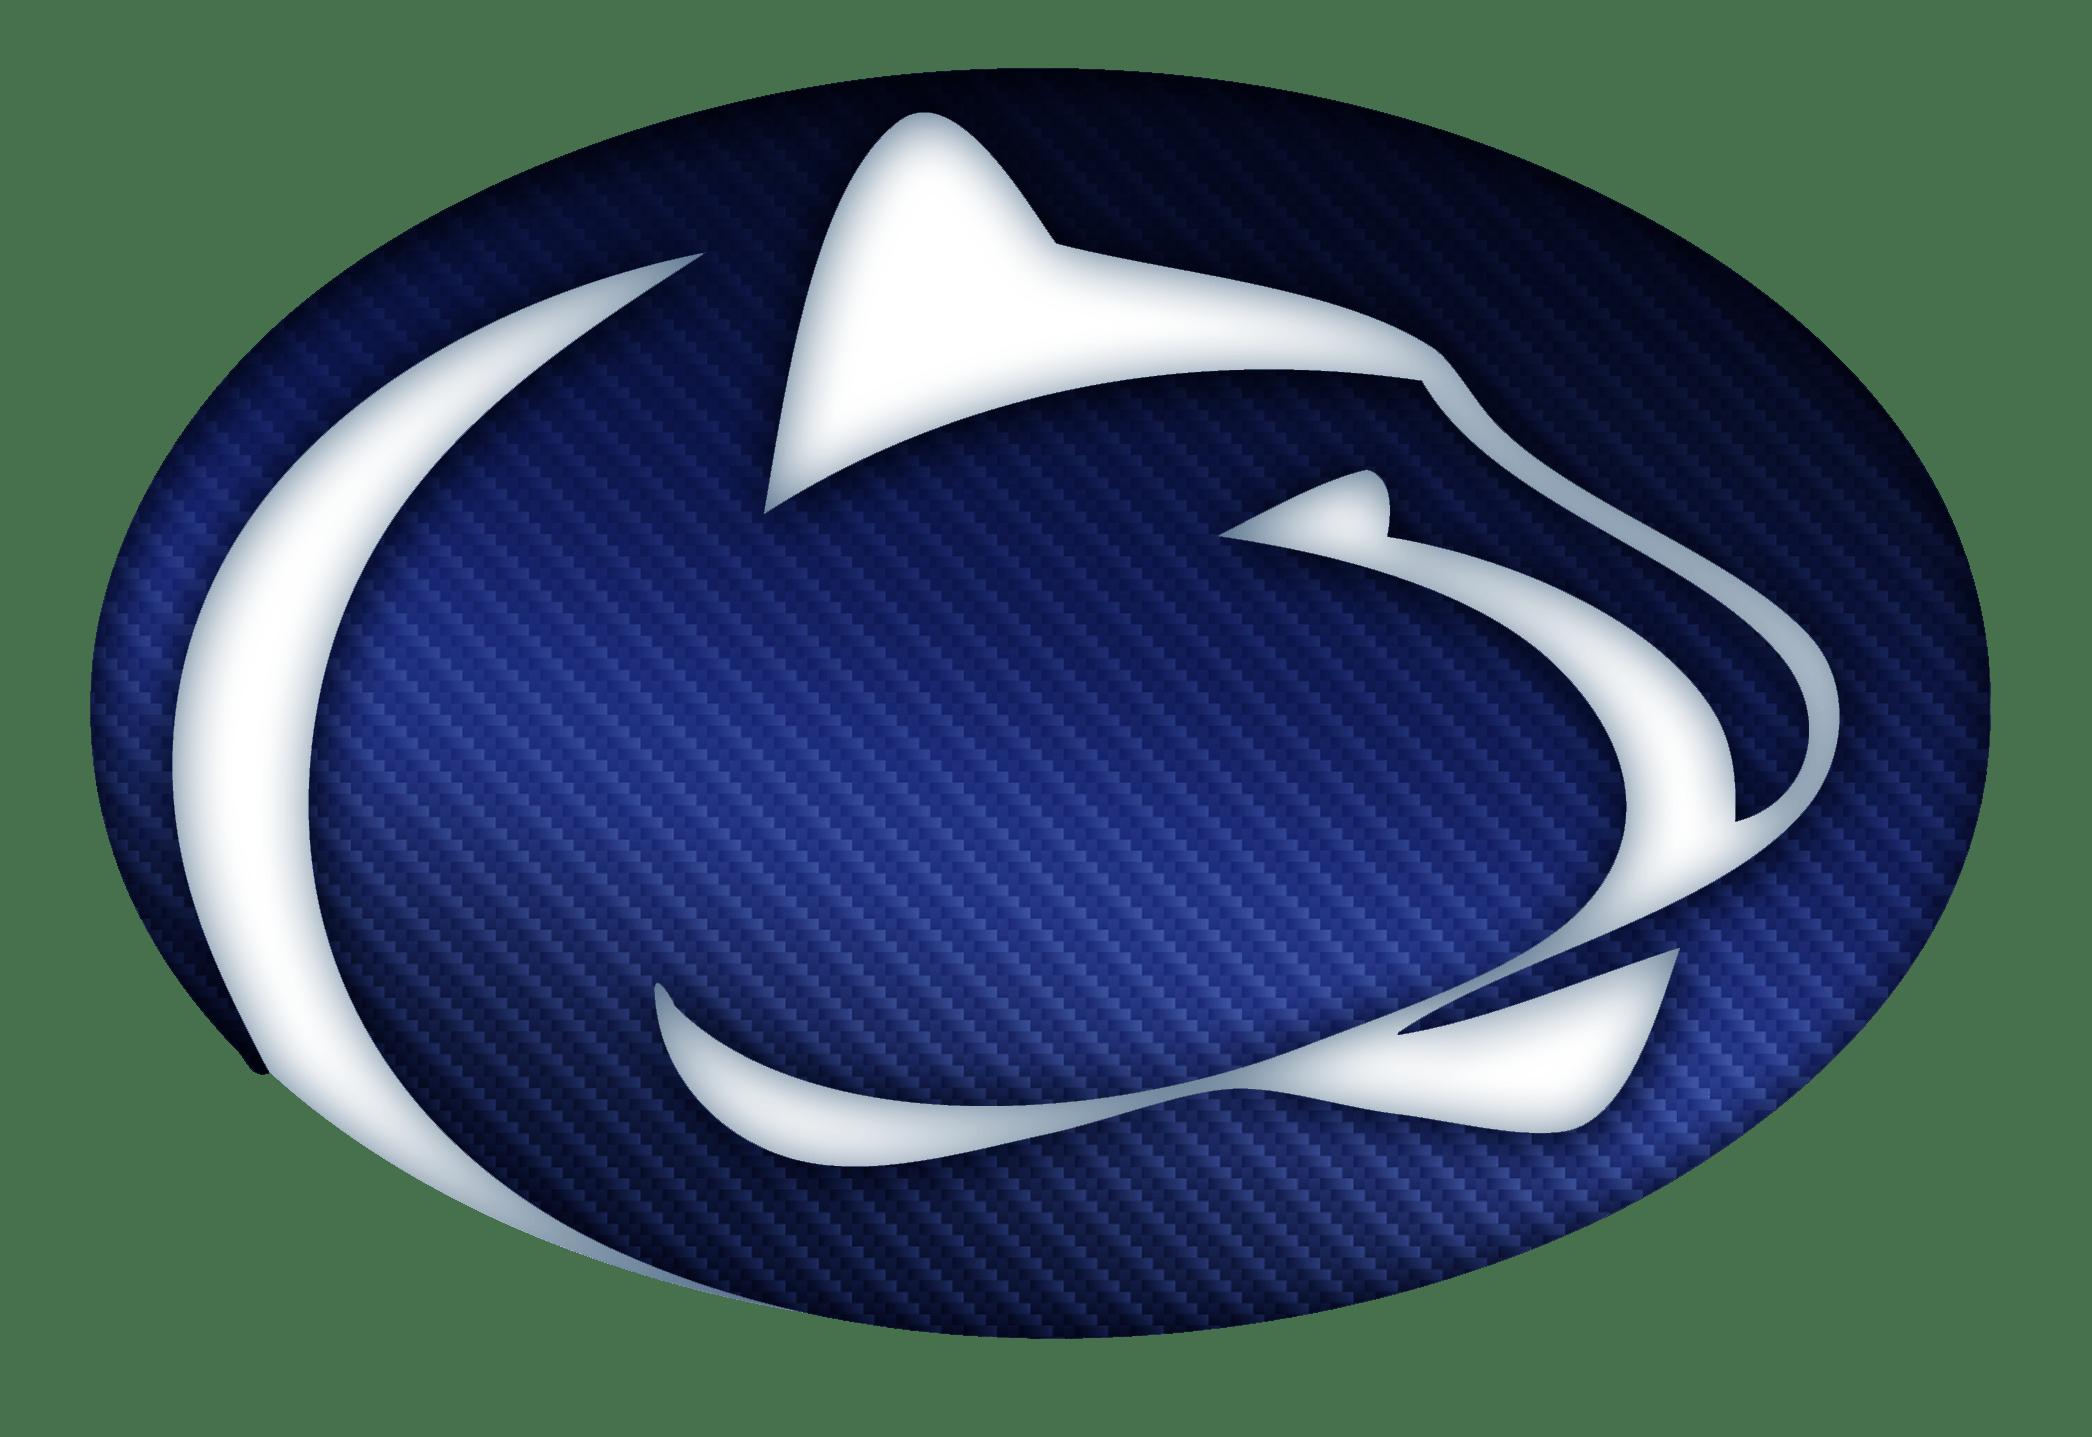 penn state logo tweak_1547096498312.png.jpg